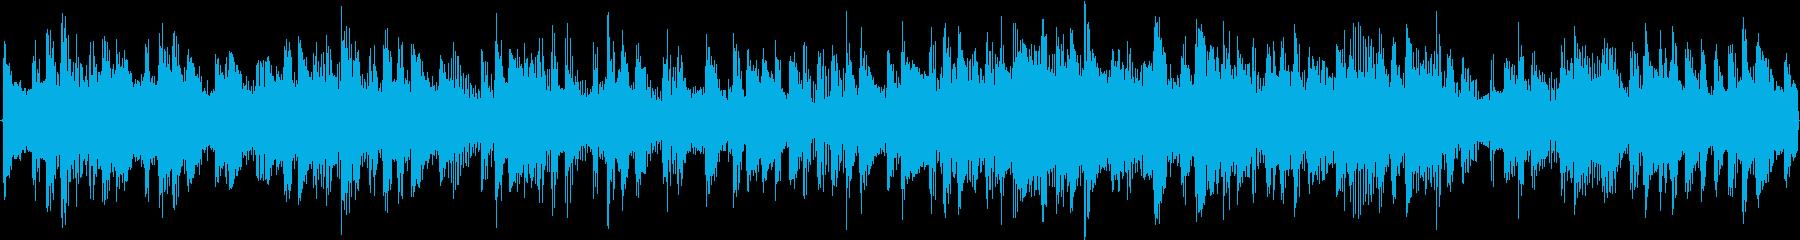 テクノを強く意識した楽曲です。繰り返し…の再生済みの波形